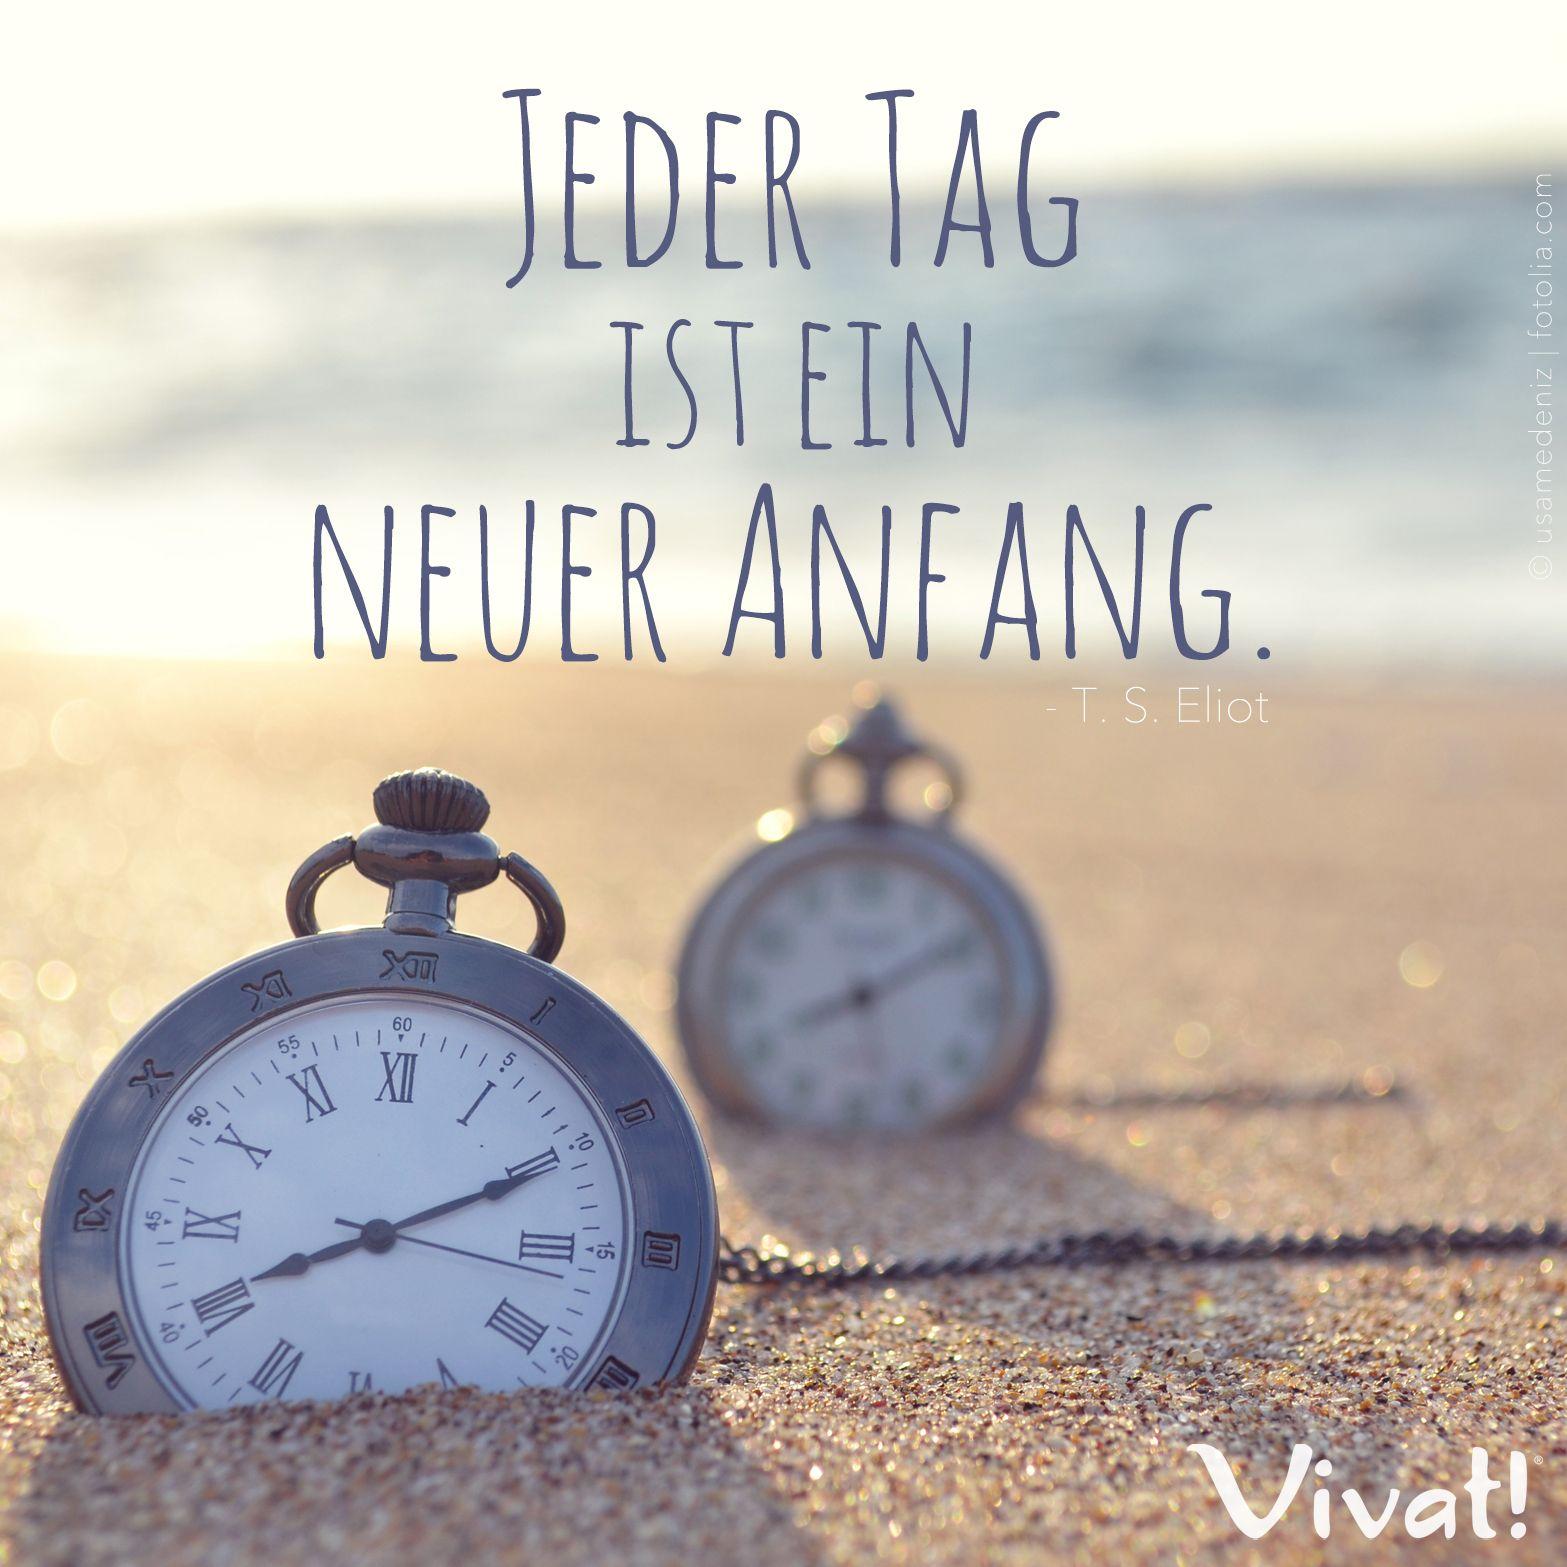 jeder tag sprüche Zitate und #Sprüche: »Jeder Tag ist ein neuer Anfang.« | German  jeder tag sprüche